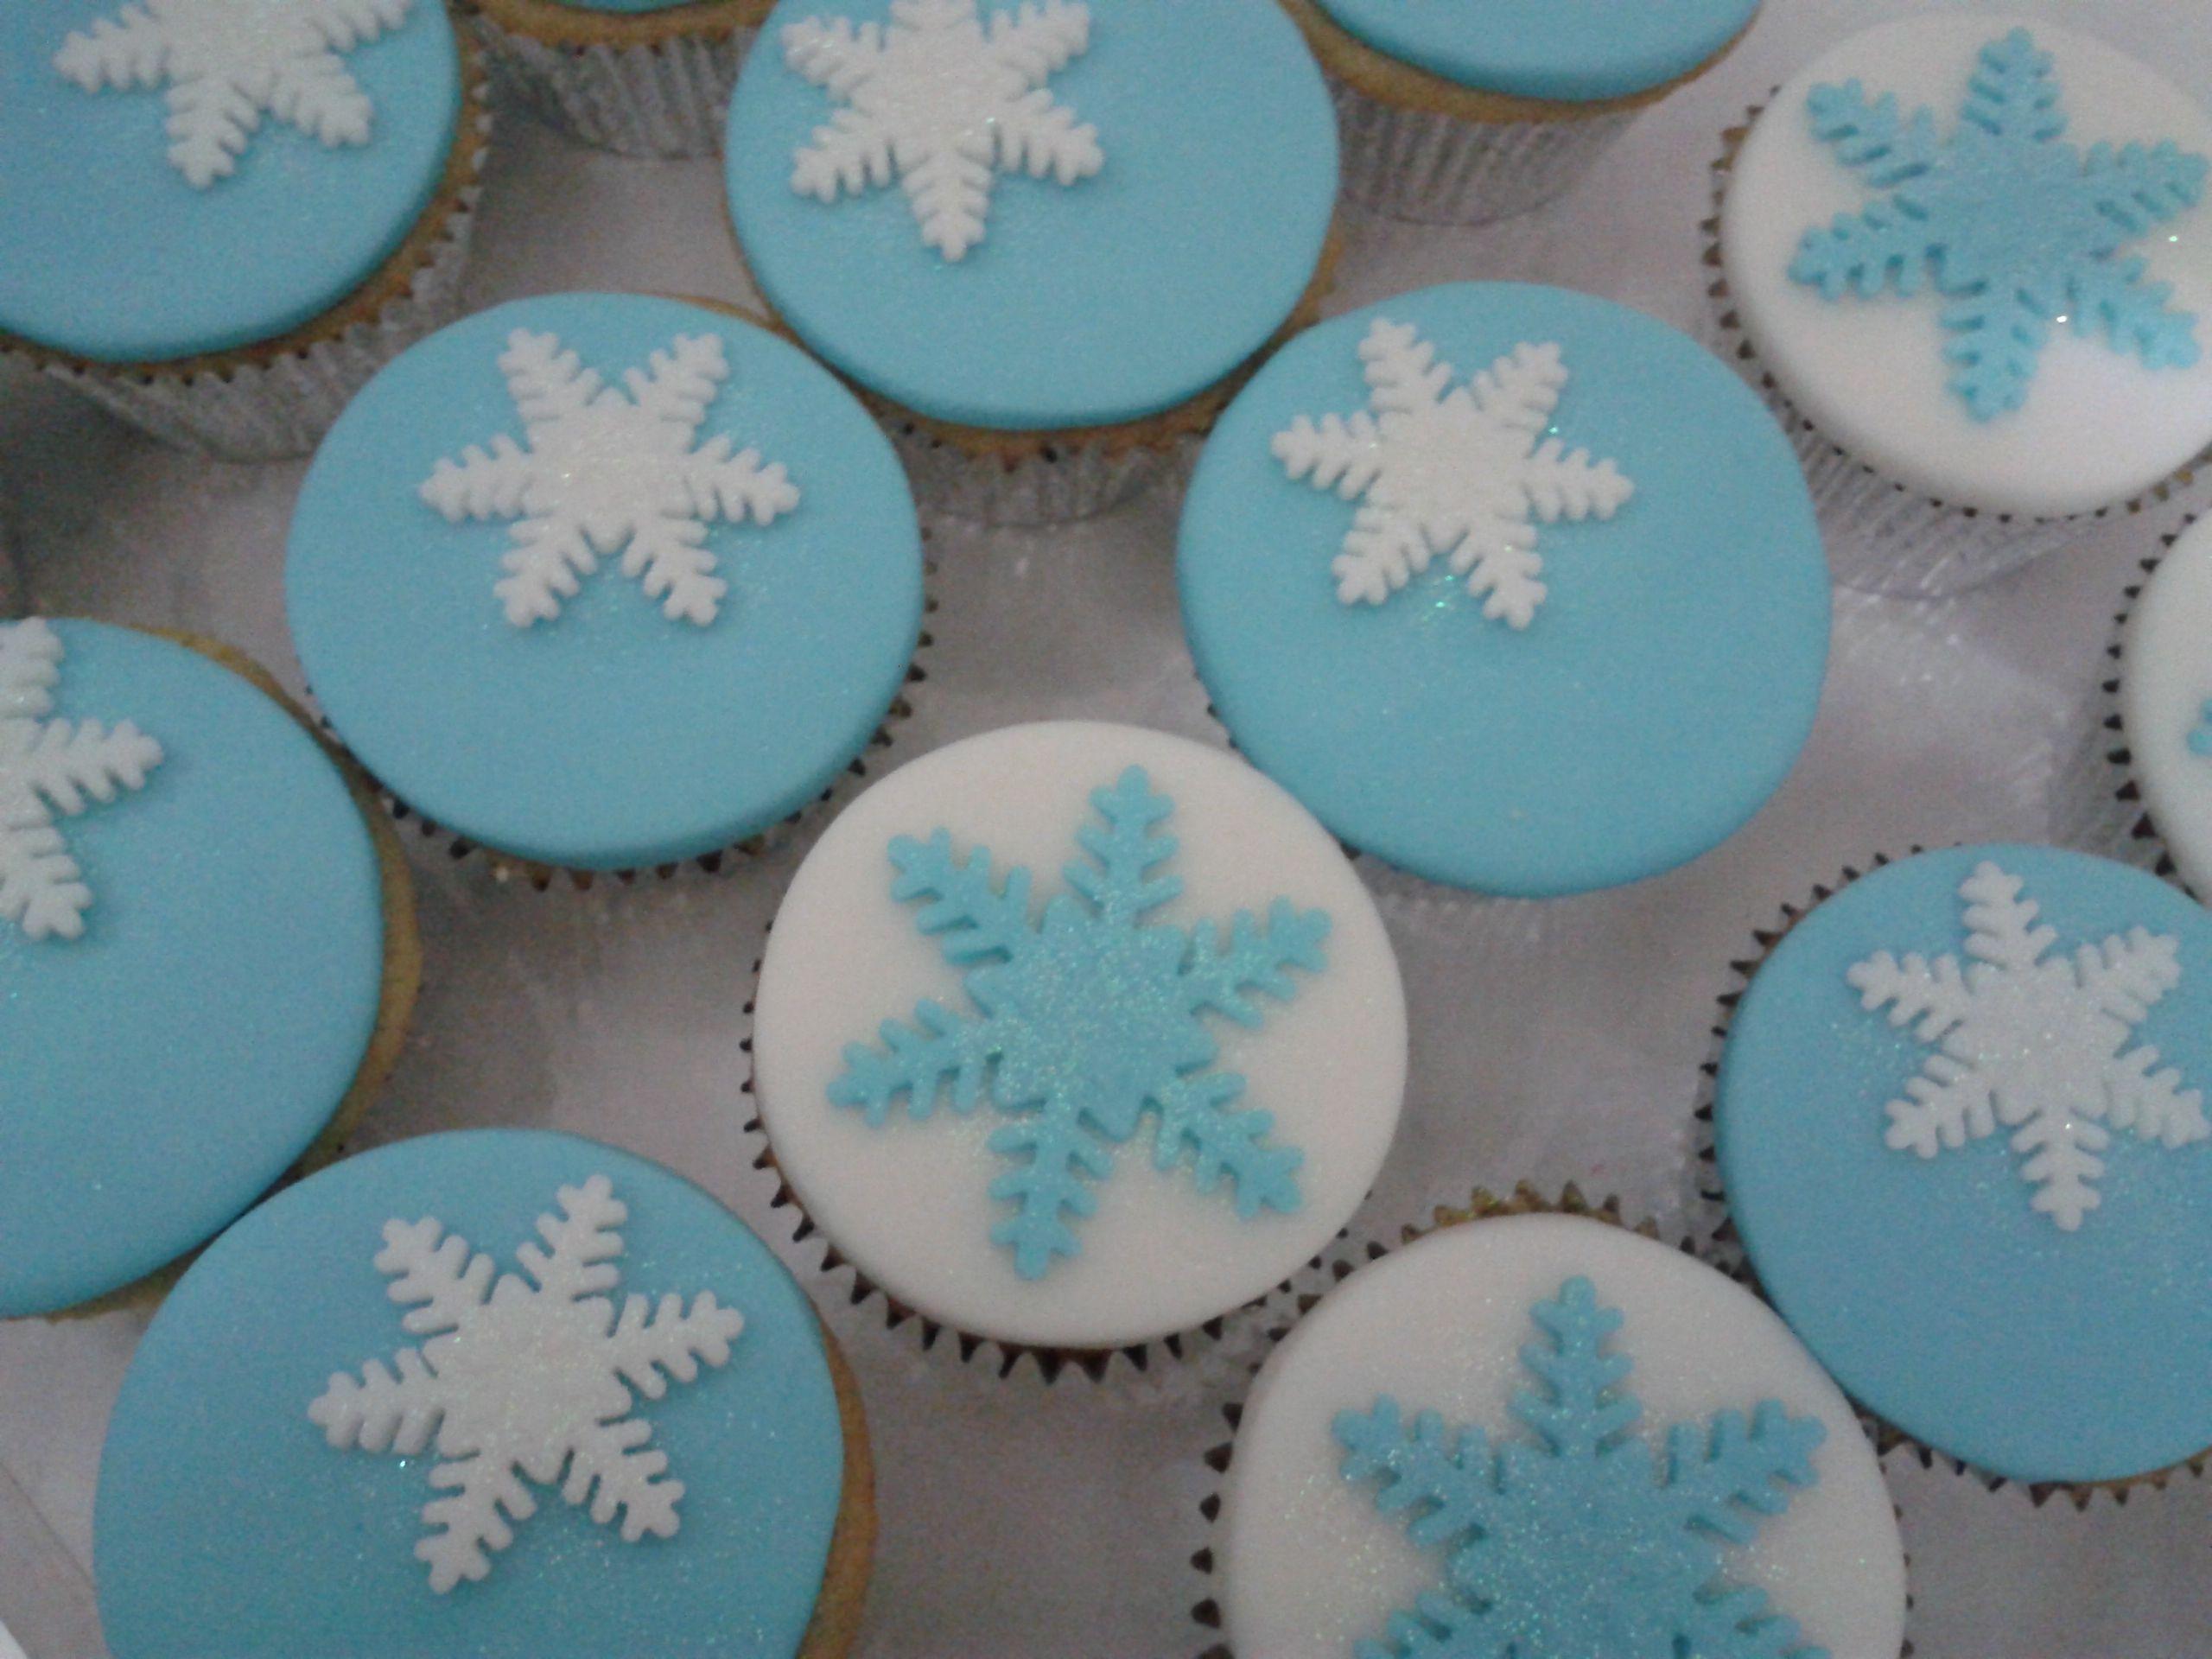 Deliciosos cupcakes!